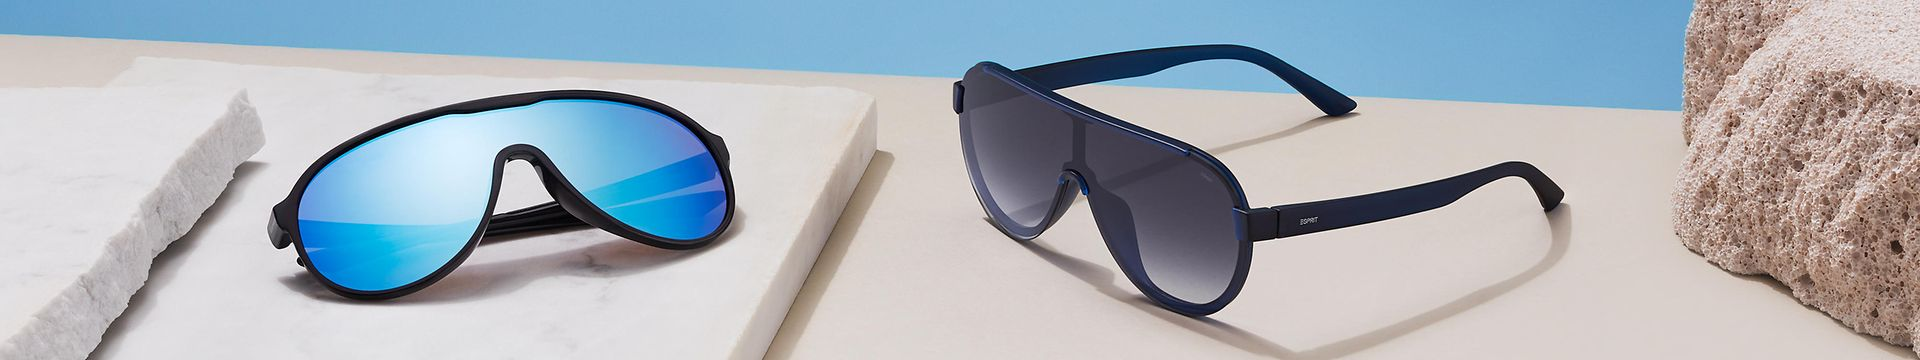 21-01_ESP_Eyewear_29848